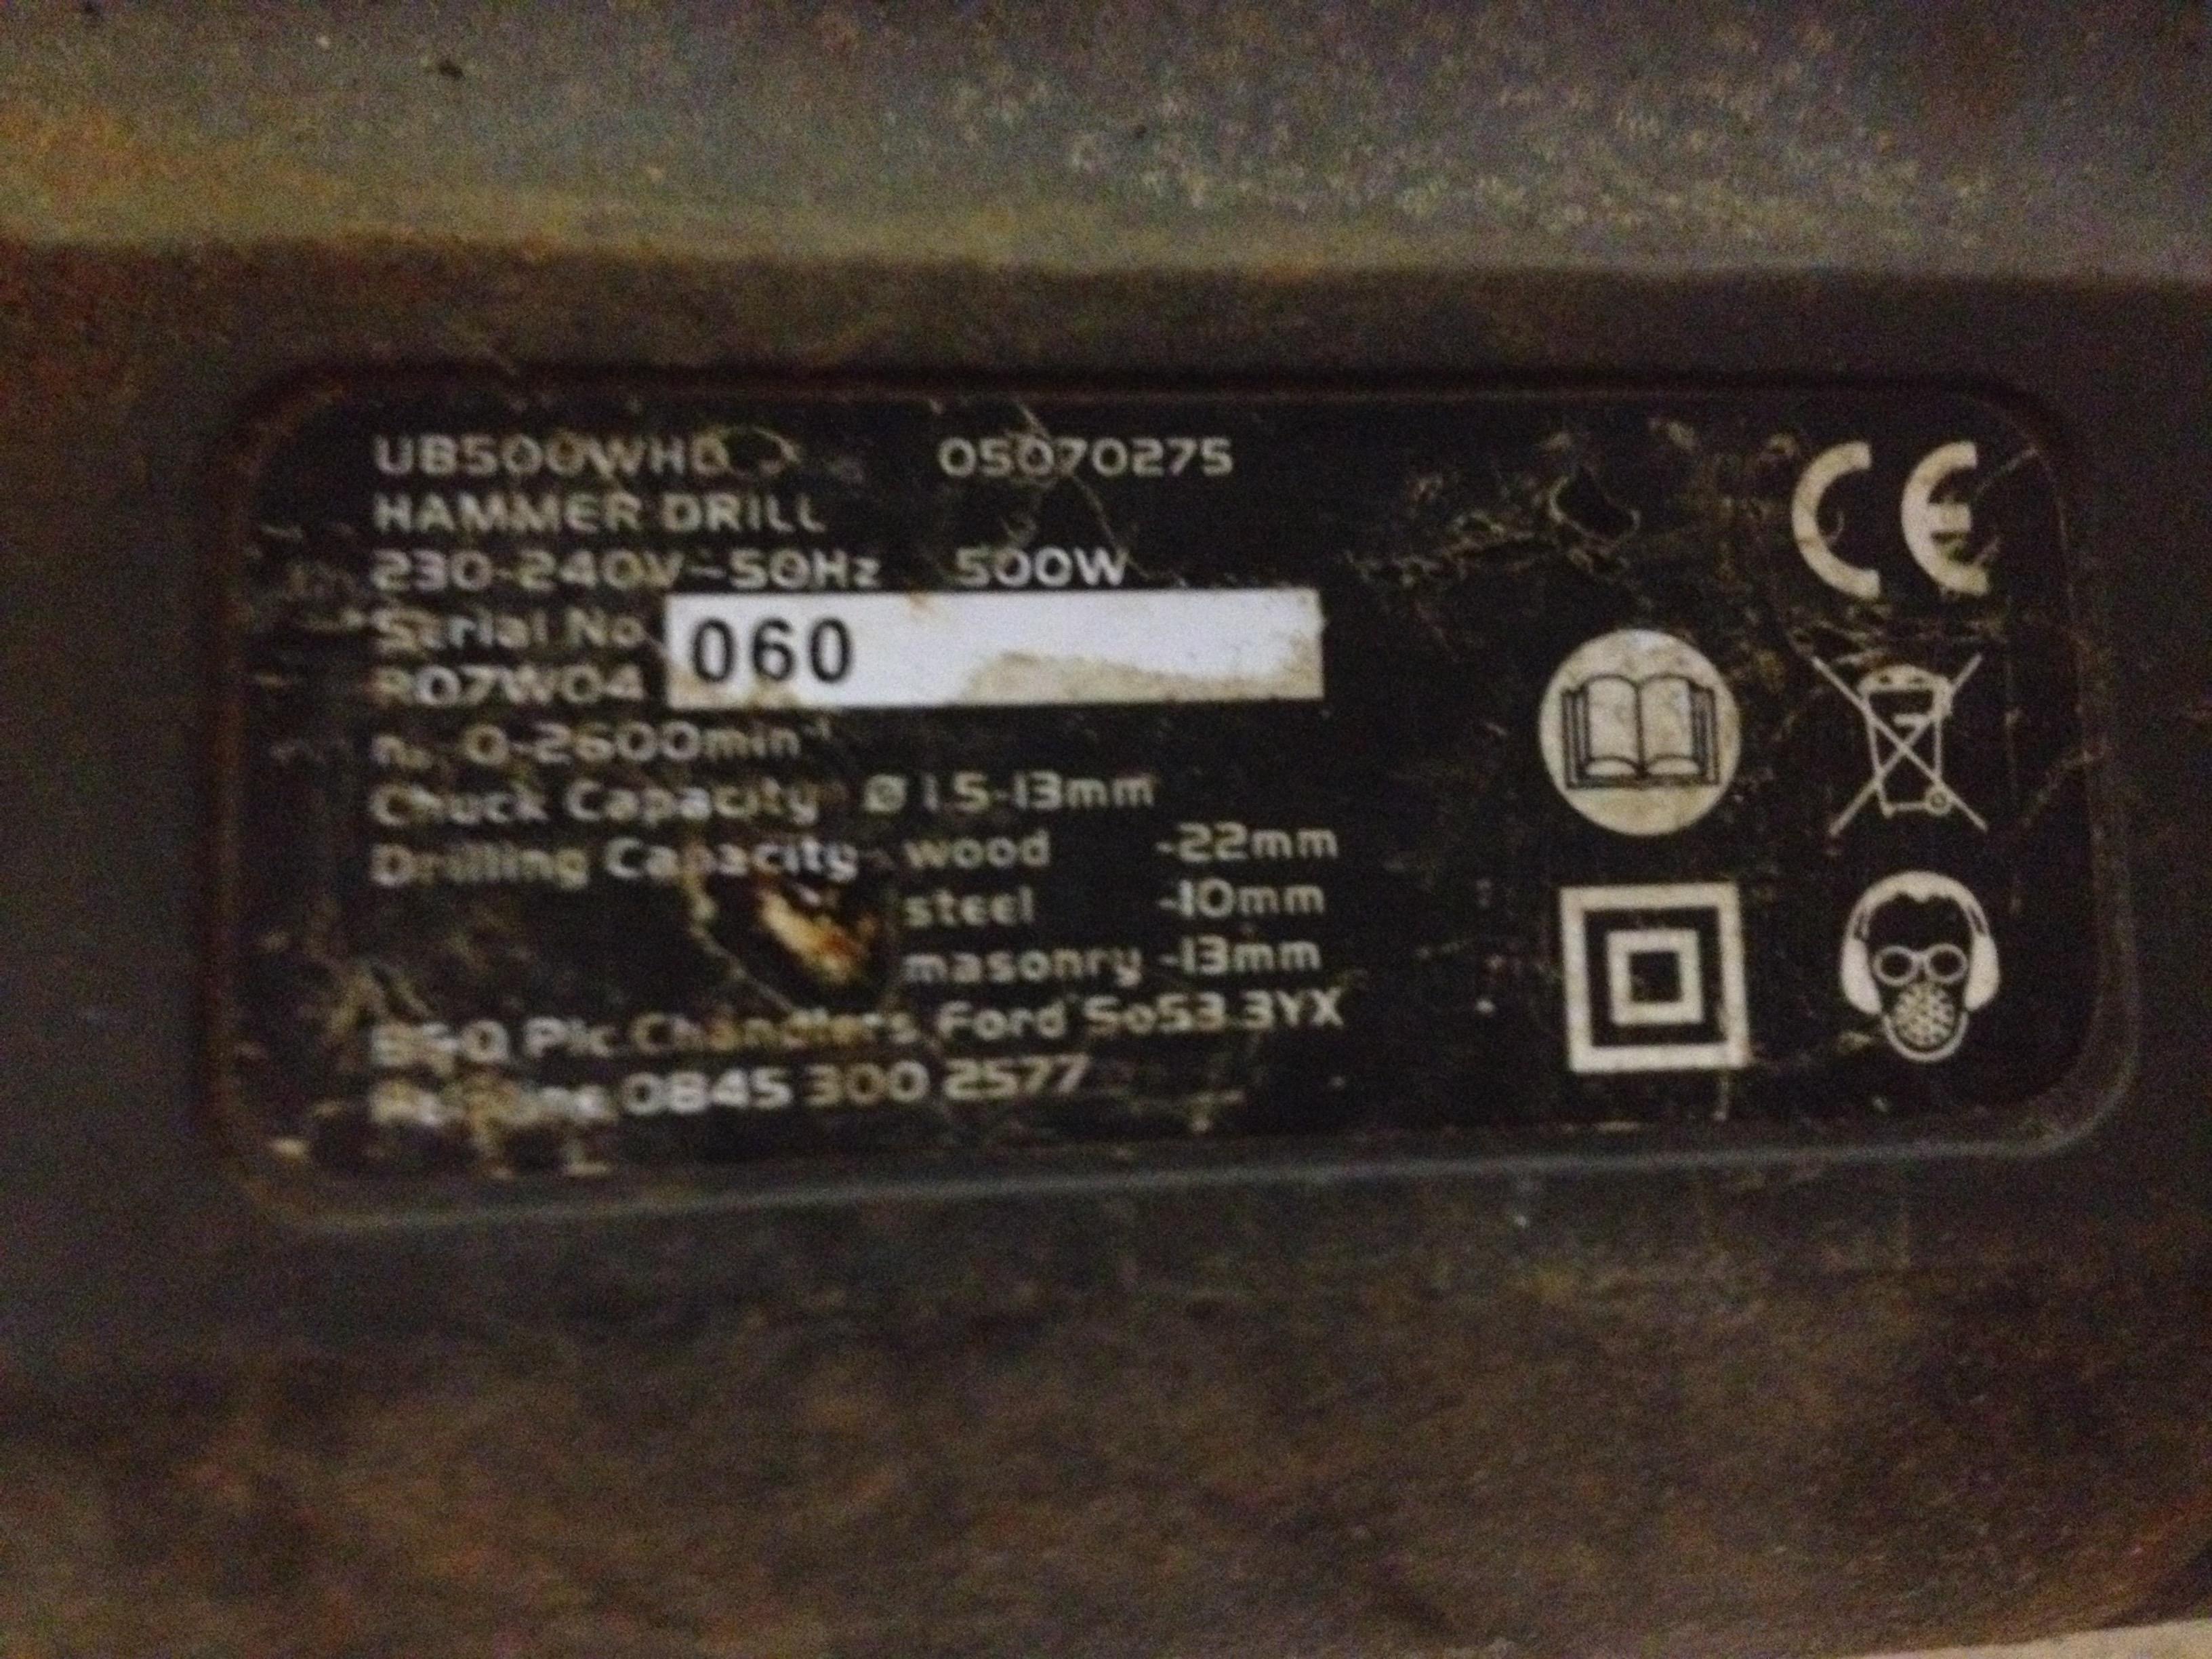 1 x B&Q Hammer Drill 500w - Image 2 of 2